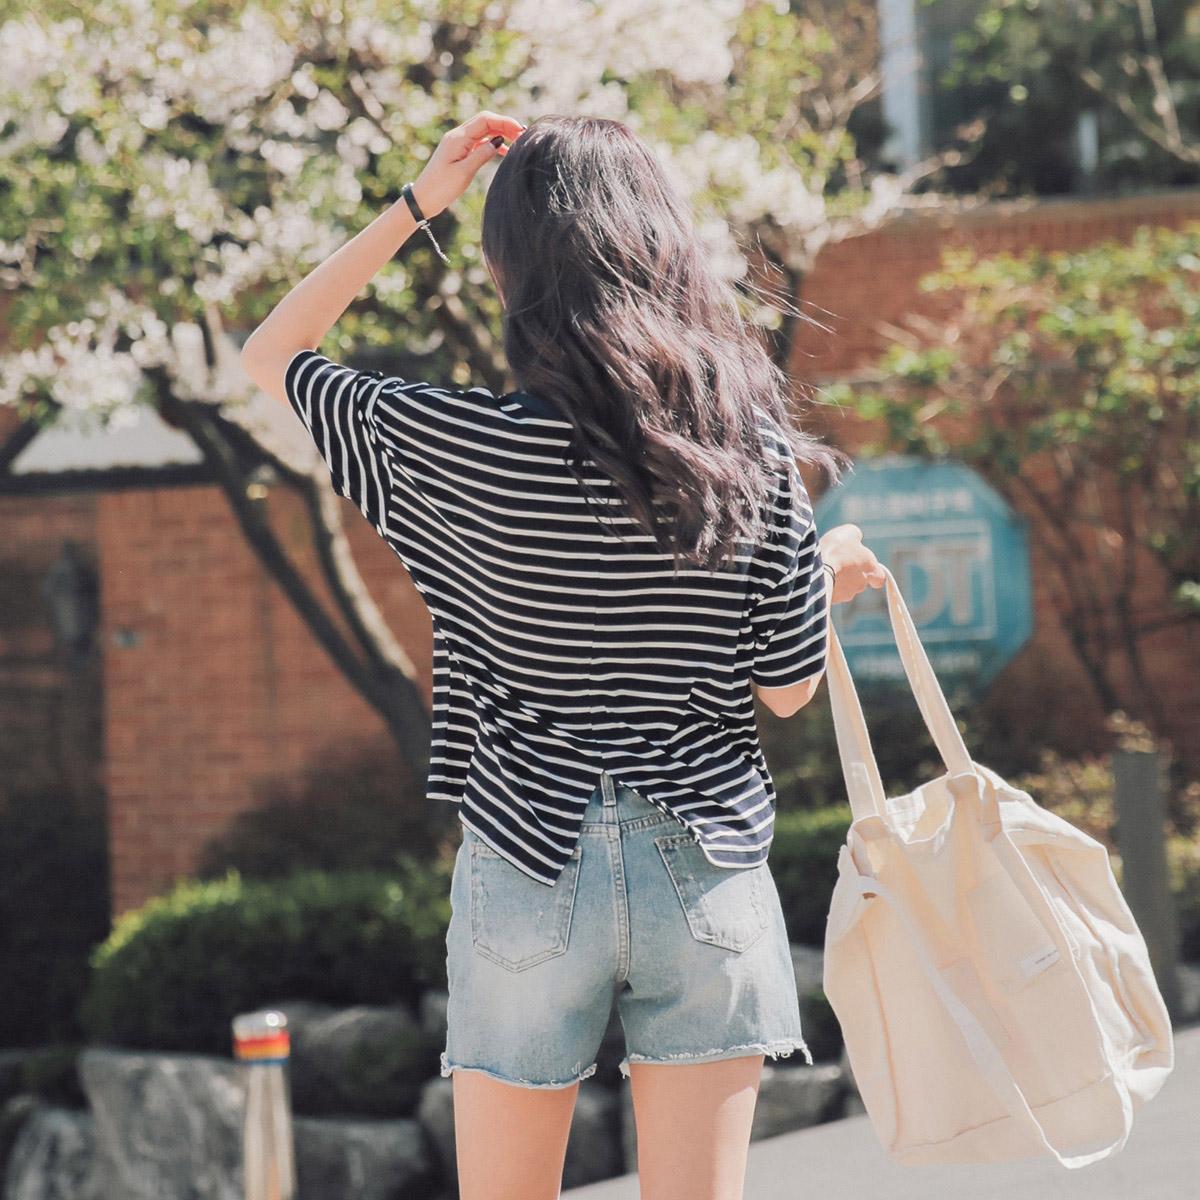 蓝白条纹t恤 2018夏装新款细横蓝白条纹开叉宽松短袖T恤女装韩版学生bf上衣潮_推荐淘宝好看的女蓝白条纹t恤